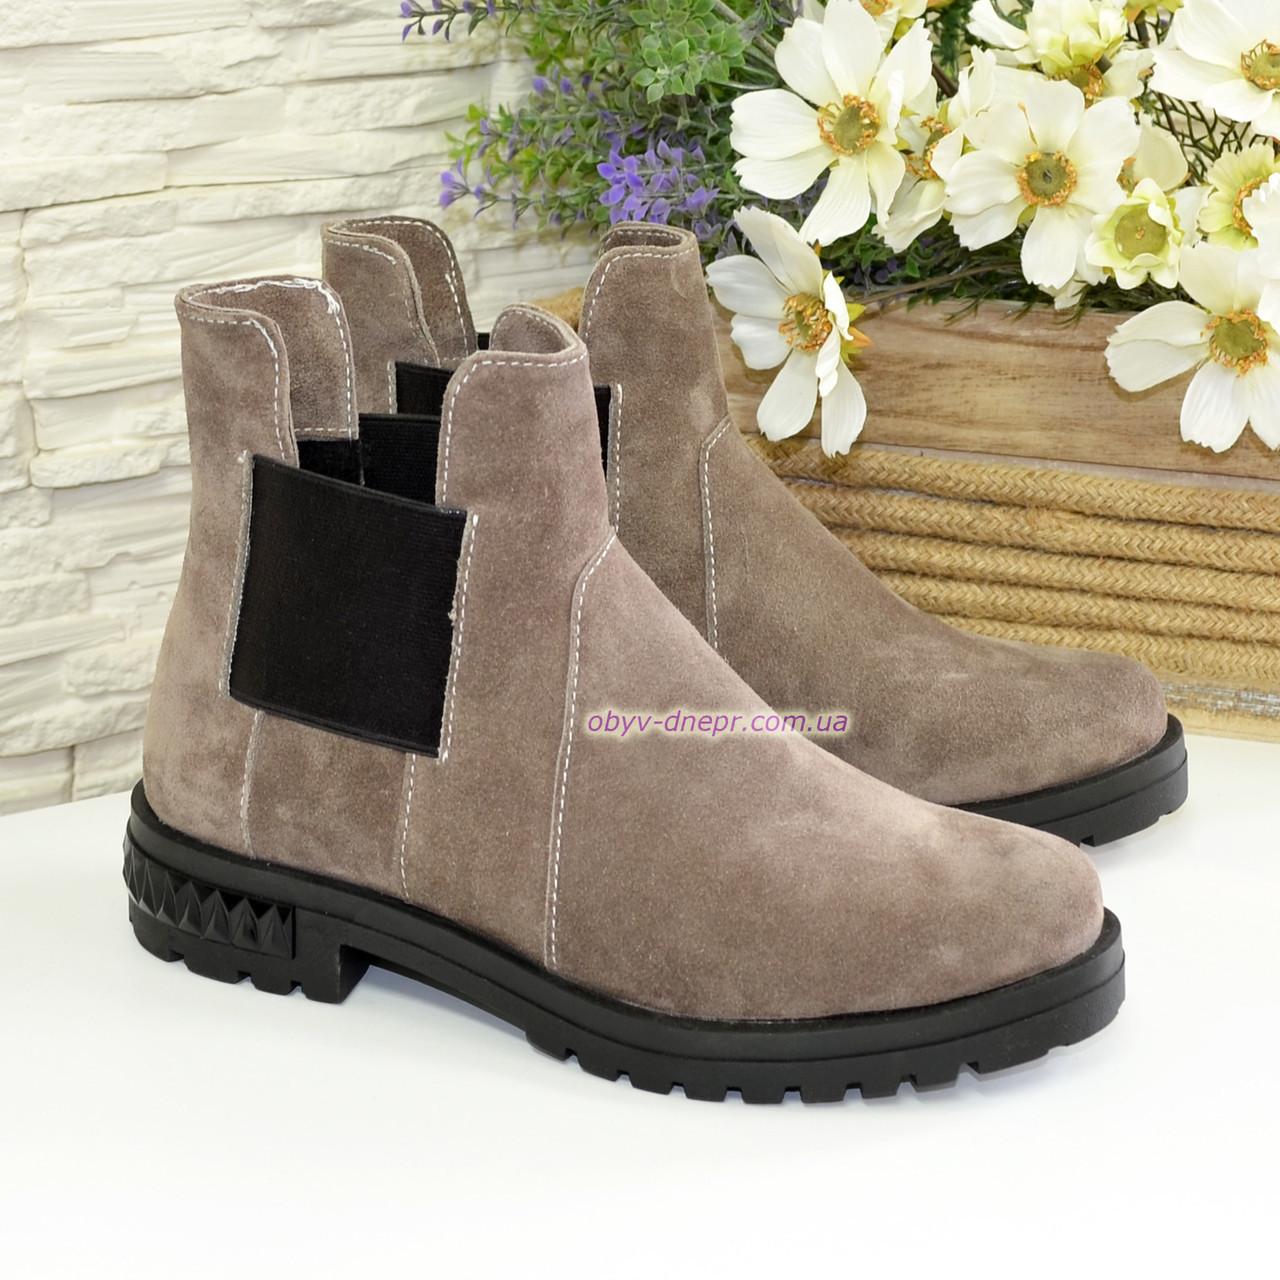 Ботинки замшевые демисезонные свободного одевания на низком ходу, из натуральной замши бежевого цвета